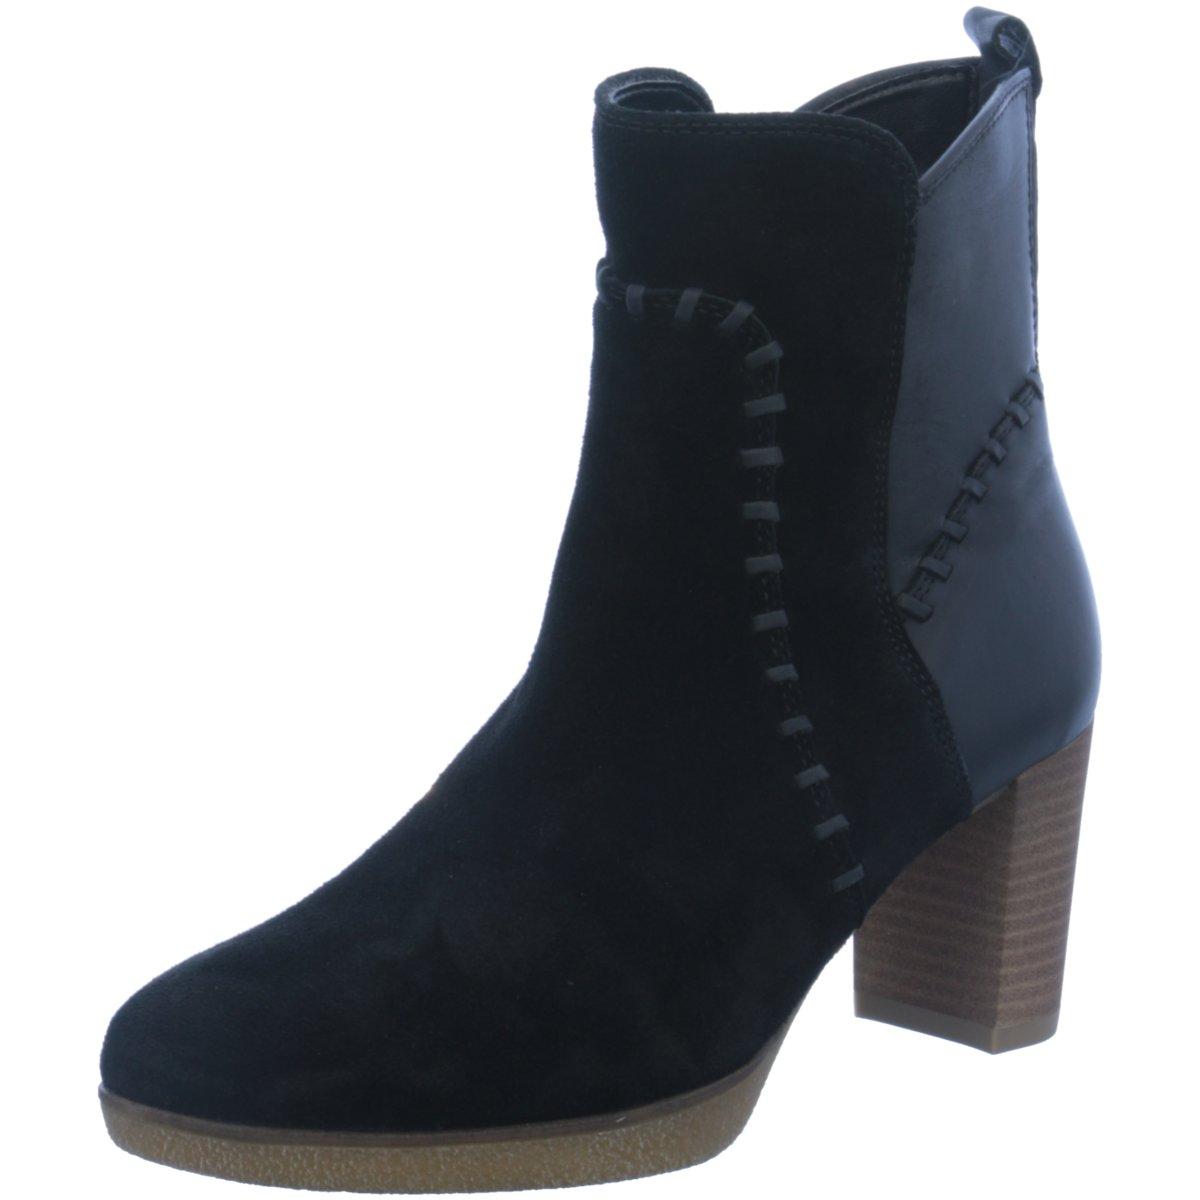 Jenny Damen Stiefeletten SAN VITO SA 2262855-61 schwarz 369847 369847 369847  Online-Mode einkaufen